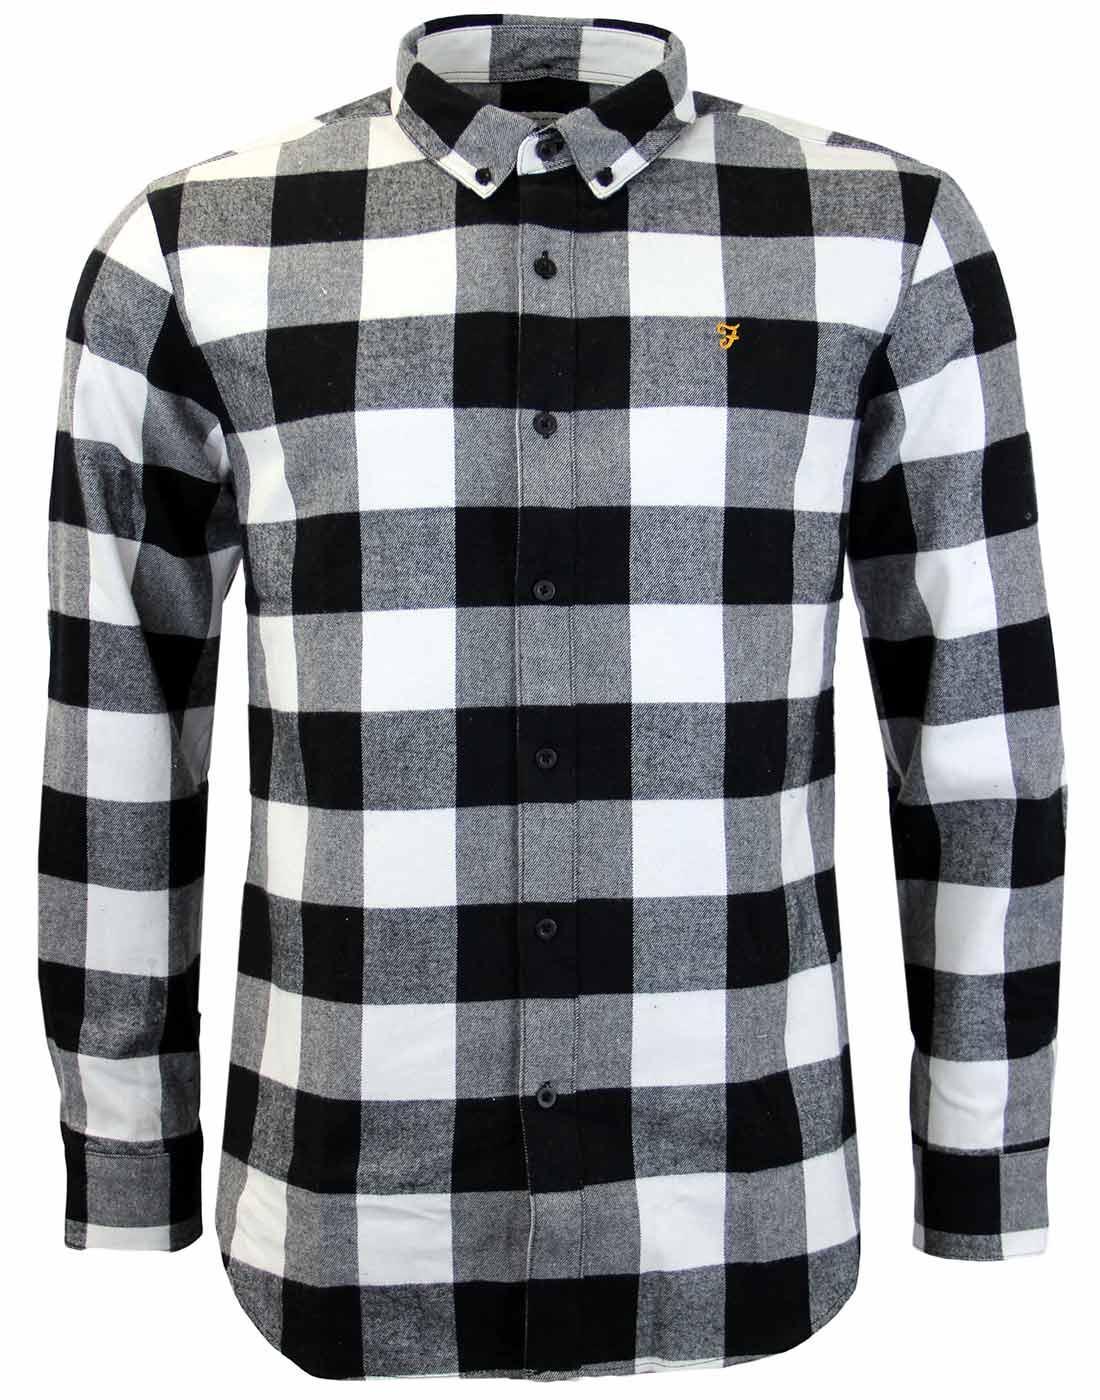 Irthing FARAH Mod Block Check Brushed Cotton Shirt